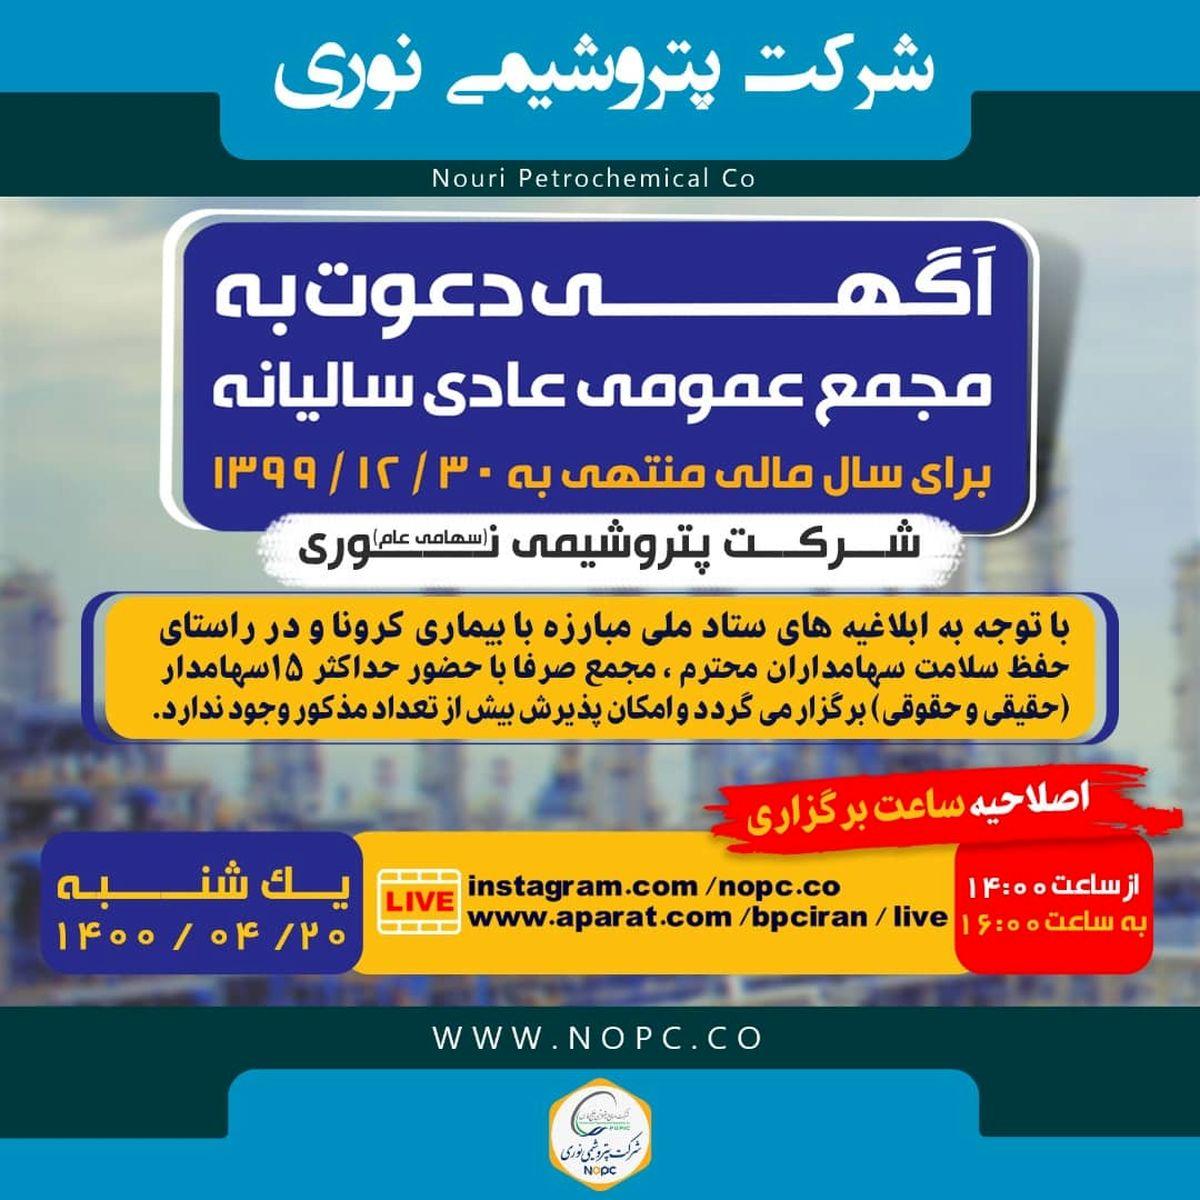 مجمع عمومی پتروشیمی نوری امروز برگزار میشود